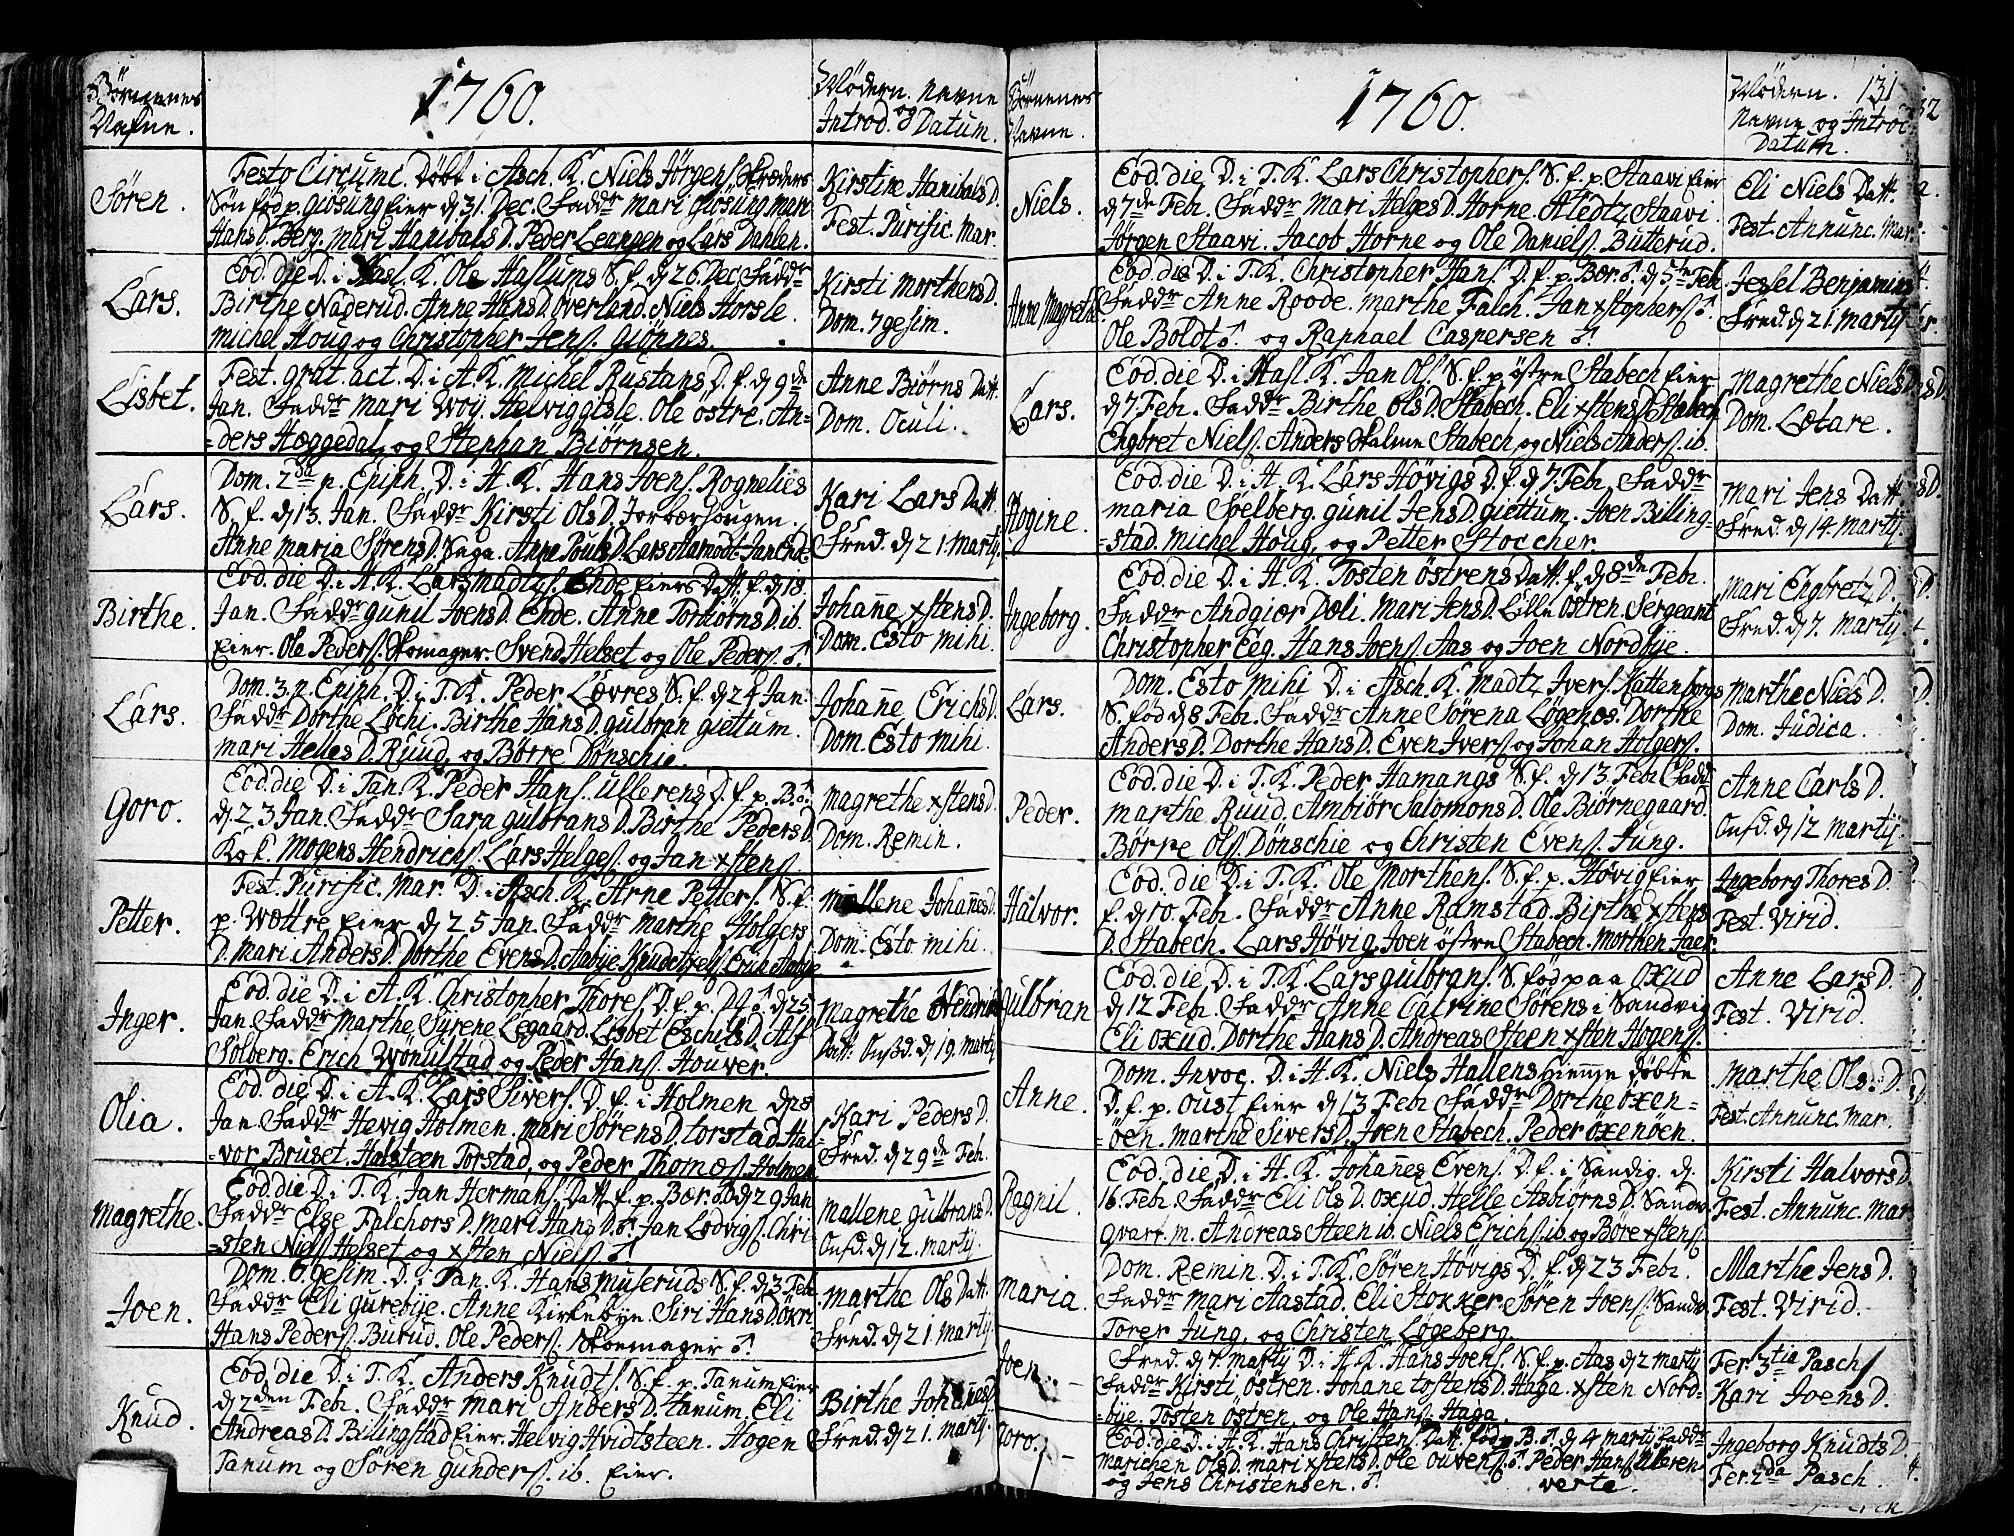 SAO, Asker prestekontor Kirkebøker, F/Fa/L0002: Ministerialbok nr. I 2, 1733-1766, s. 131